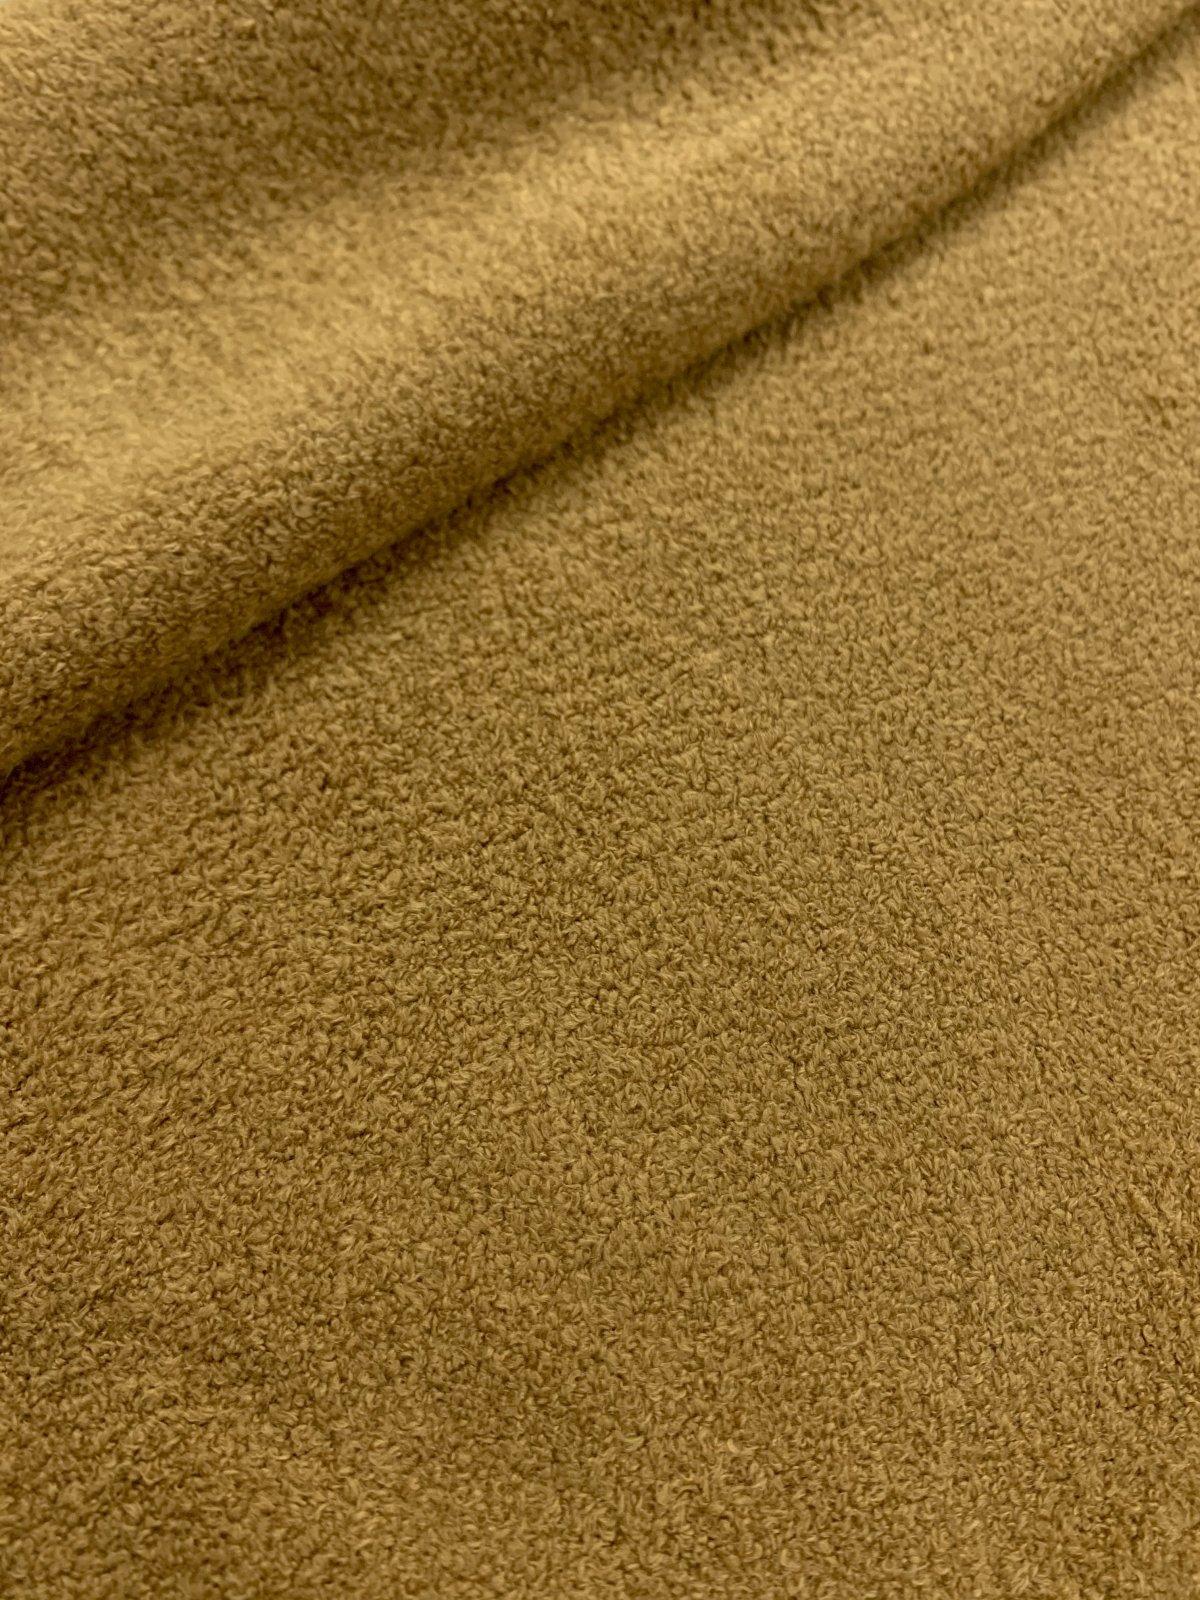 Moda 60 Soft Textures Fireside Brown 60001 14